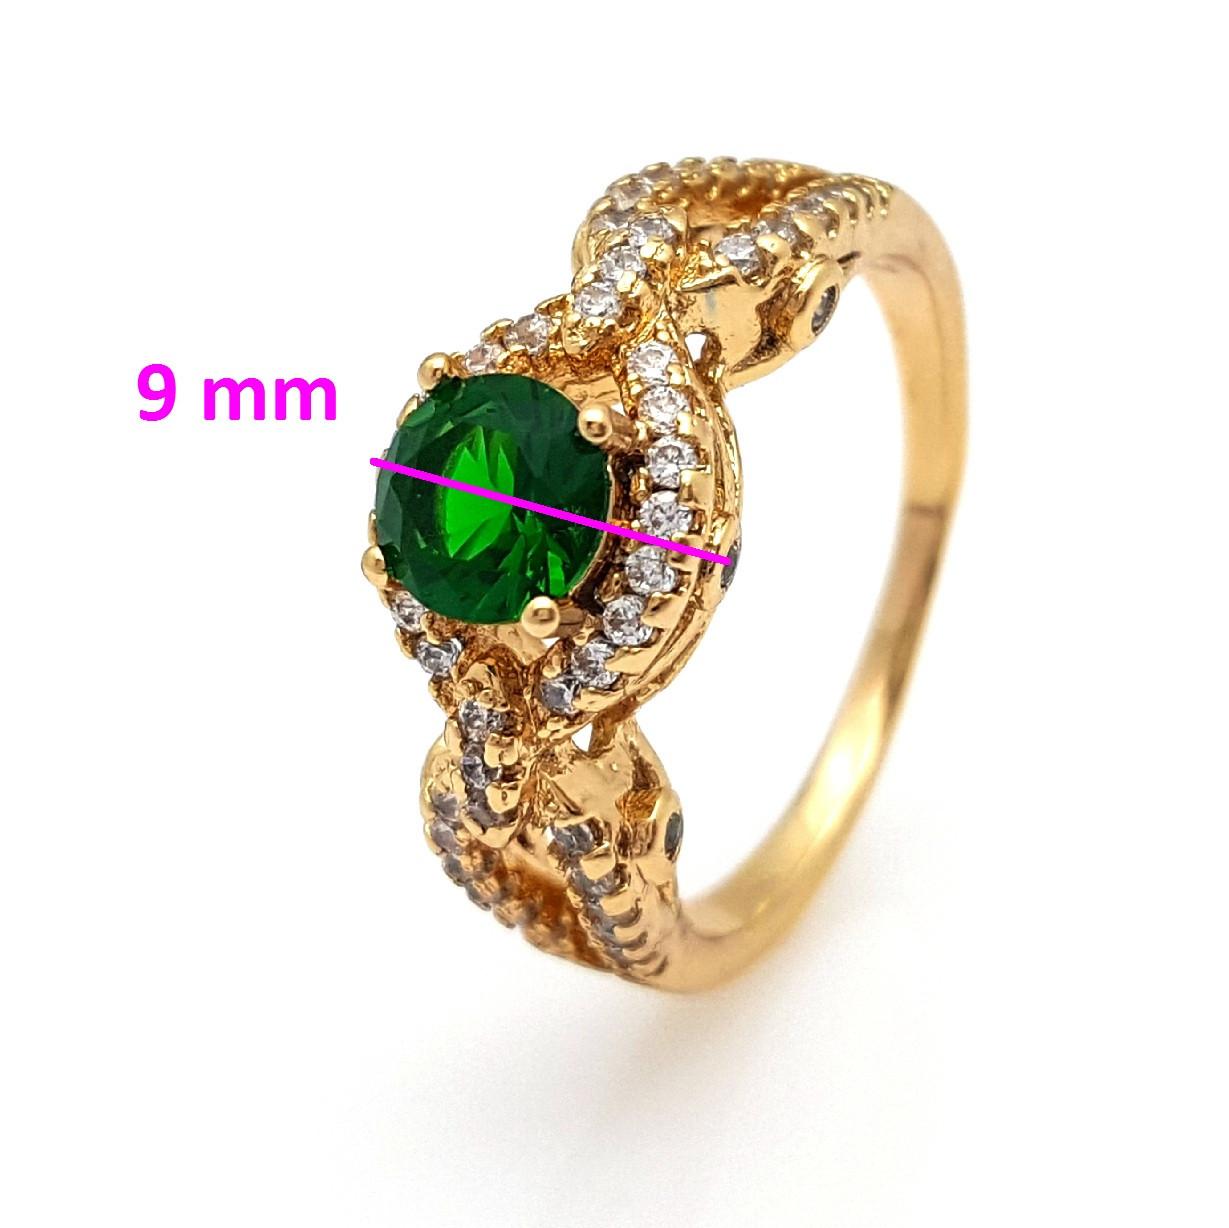 Кольцо Ажурное, с зеленым цирконием, р.19, позолота